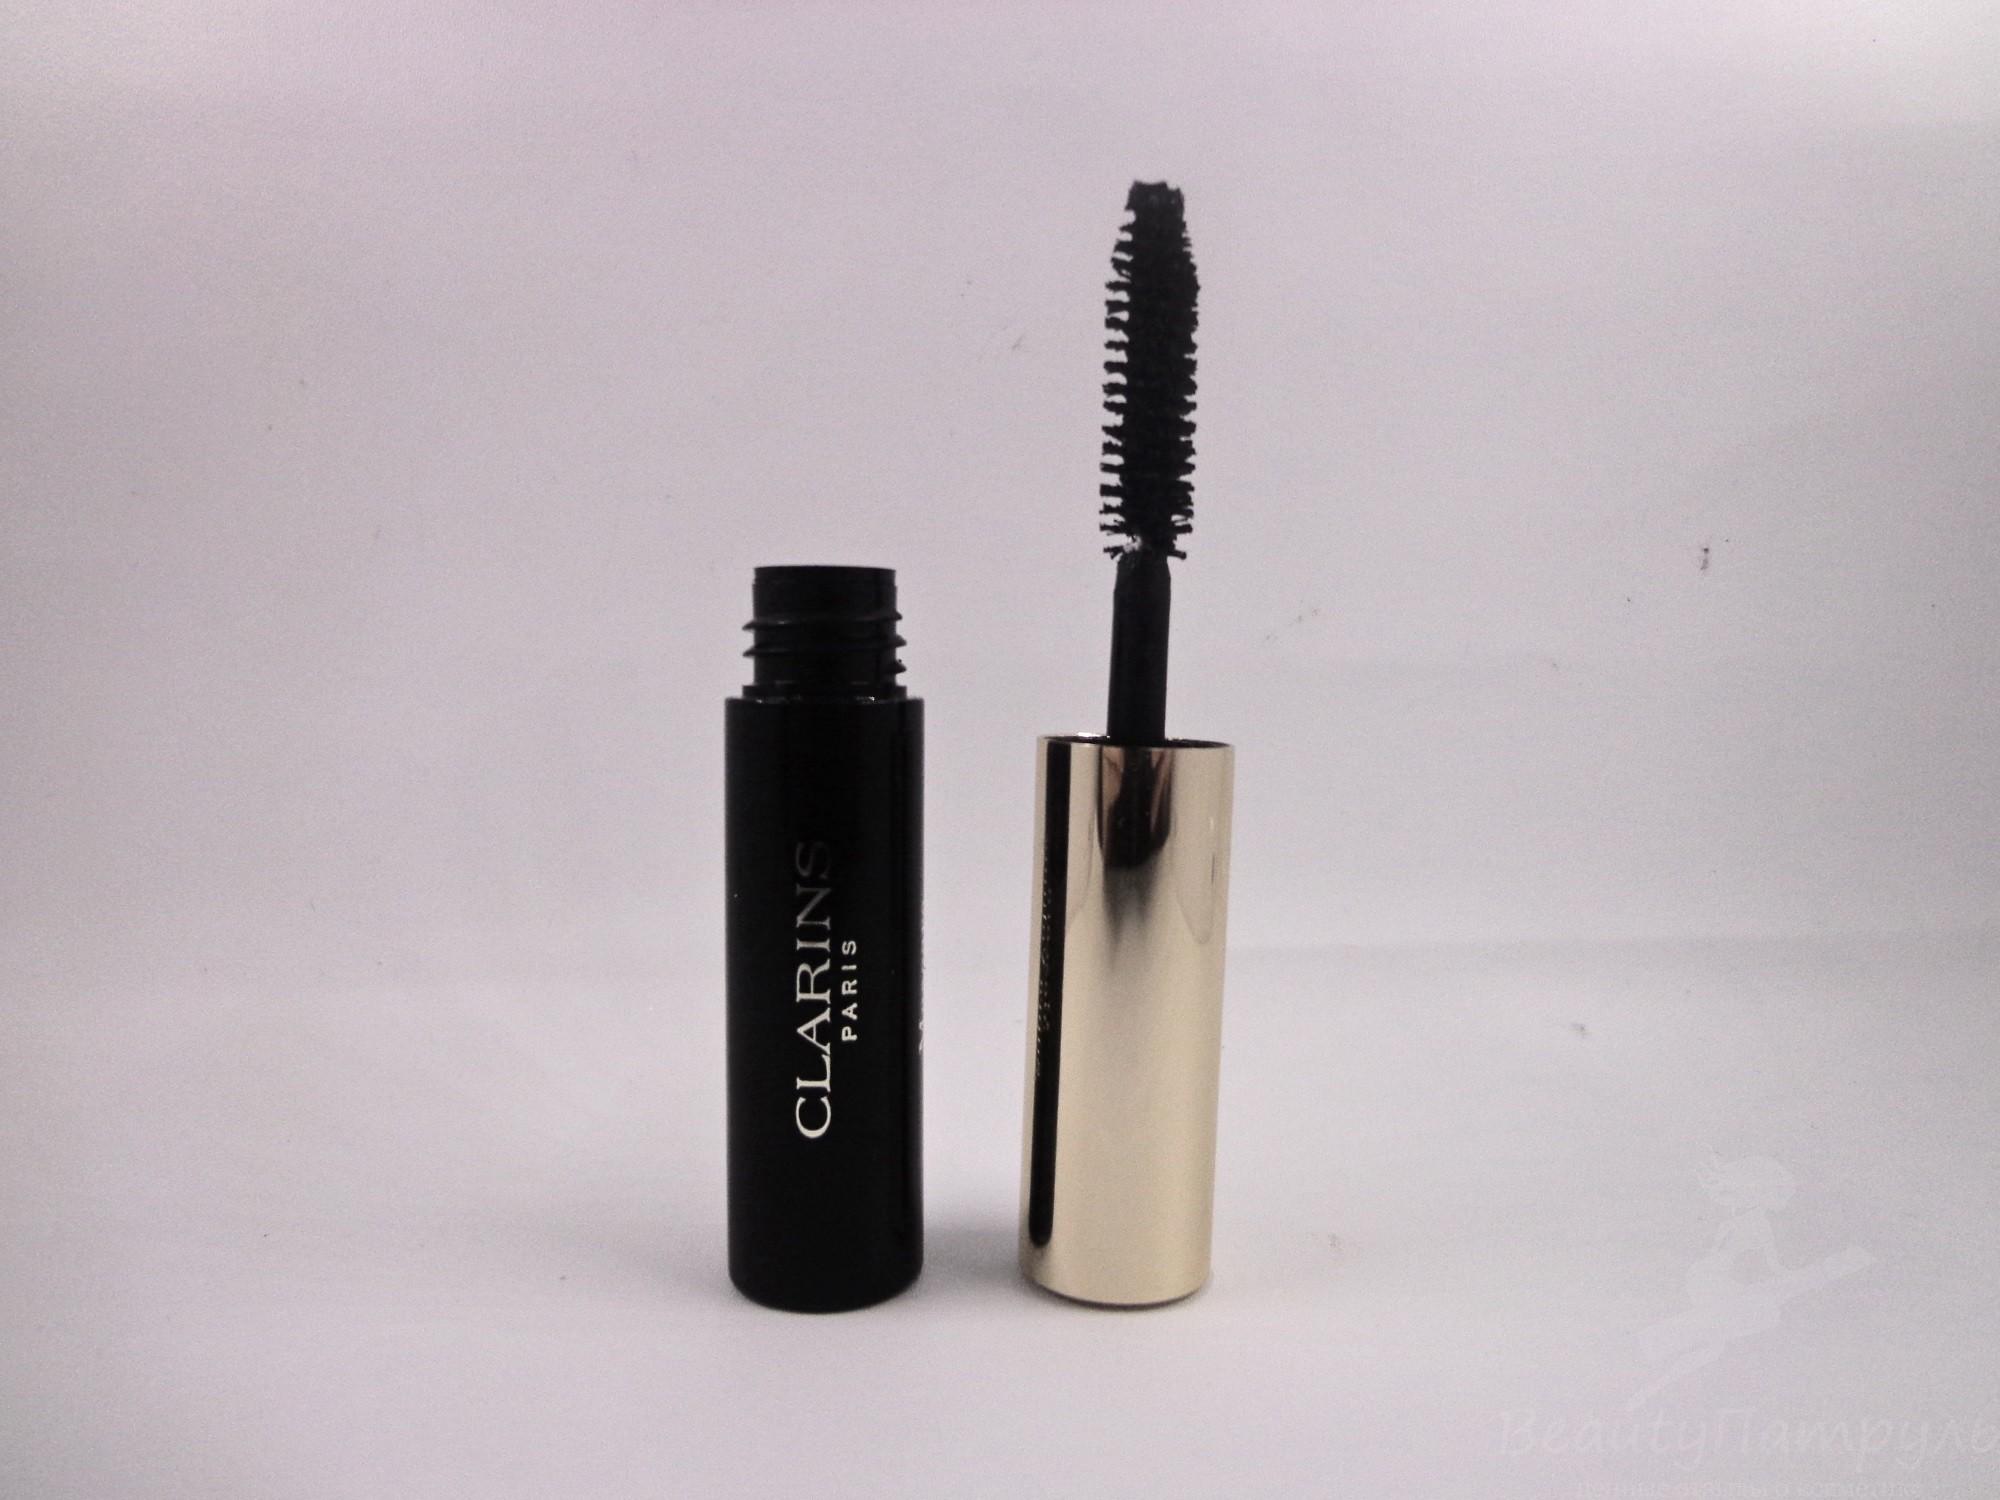 Clarins тушь увеличивающая объем ресниц mascara supra volume отзывы